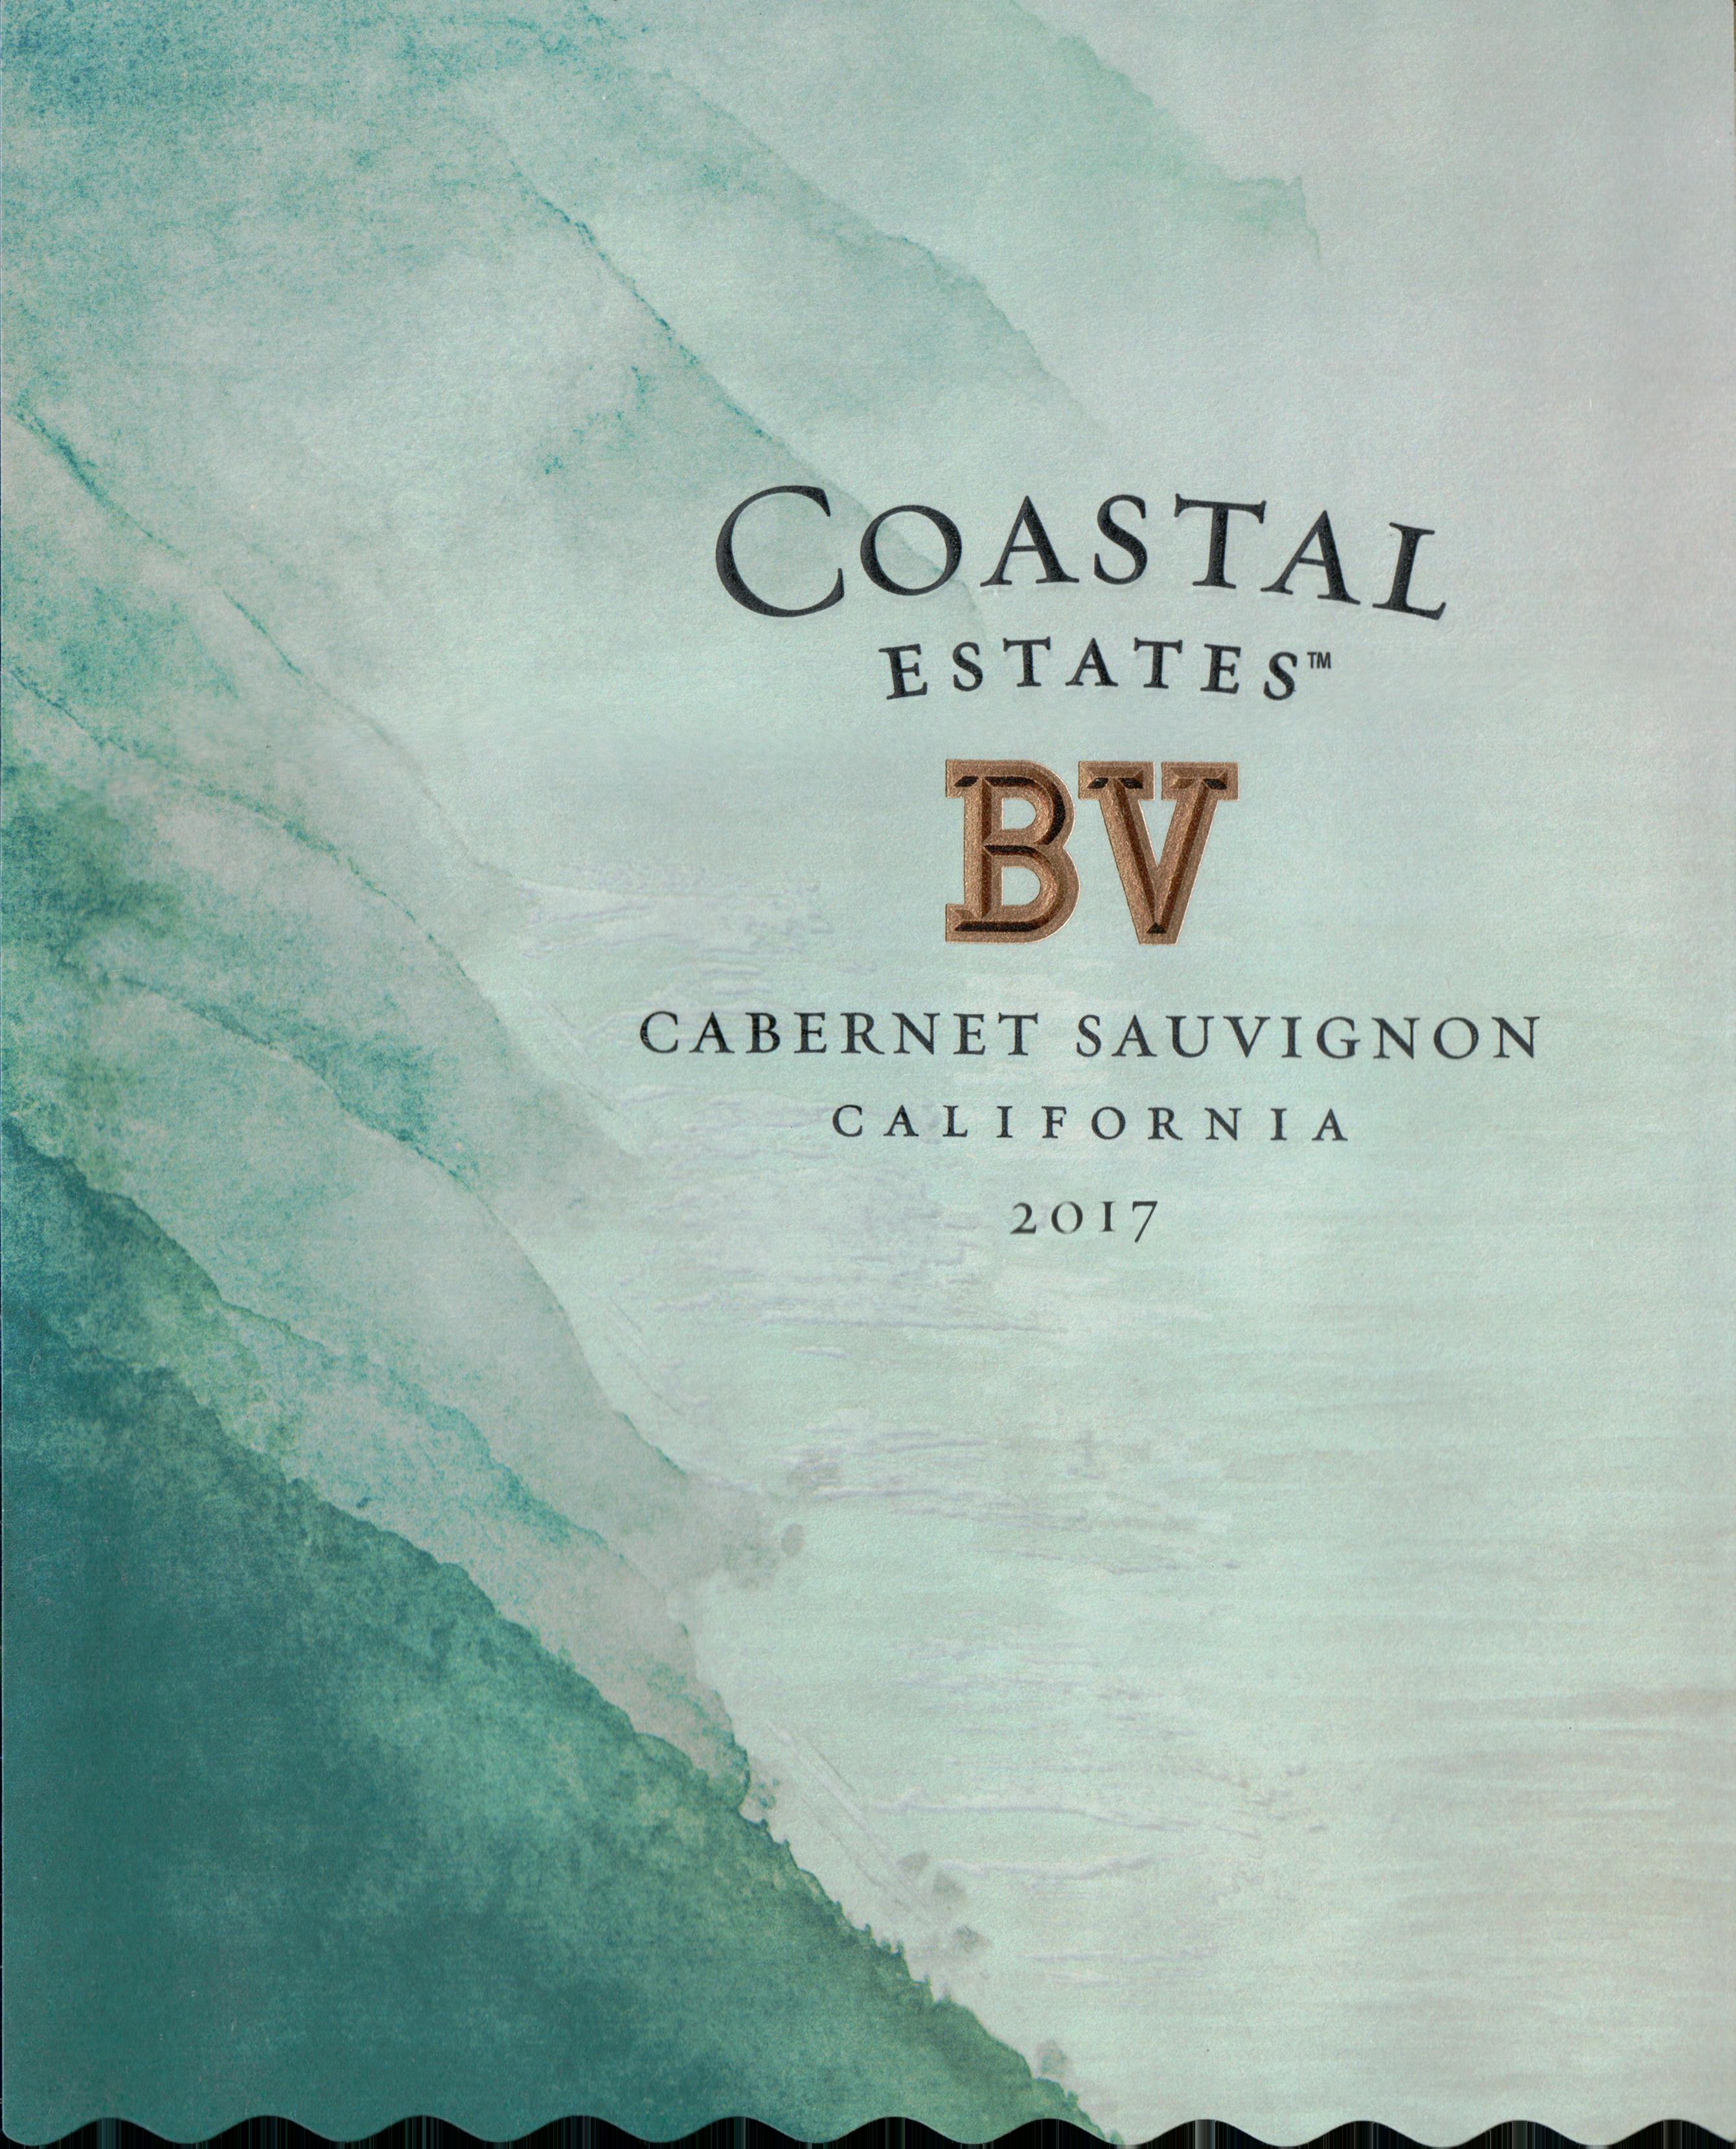 Bv Coastal Cabernet Sauvignon 2017